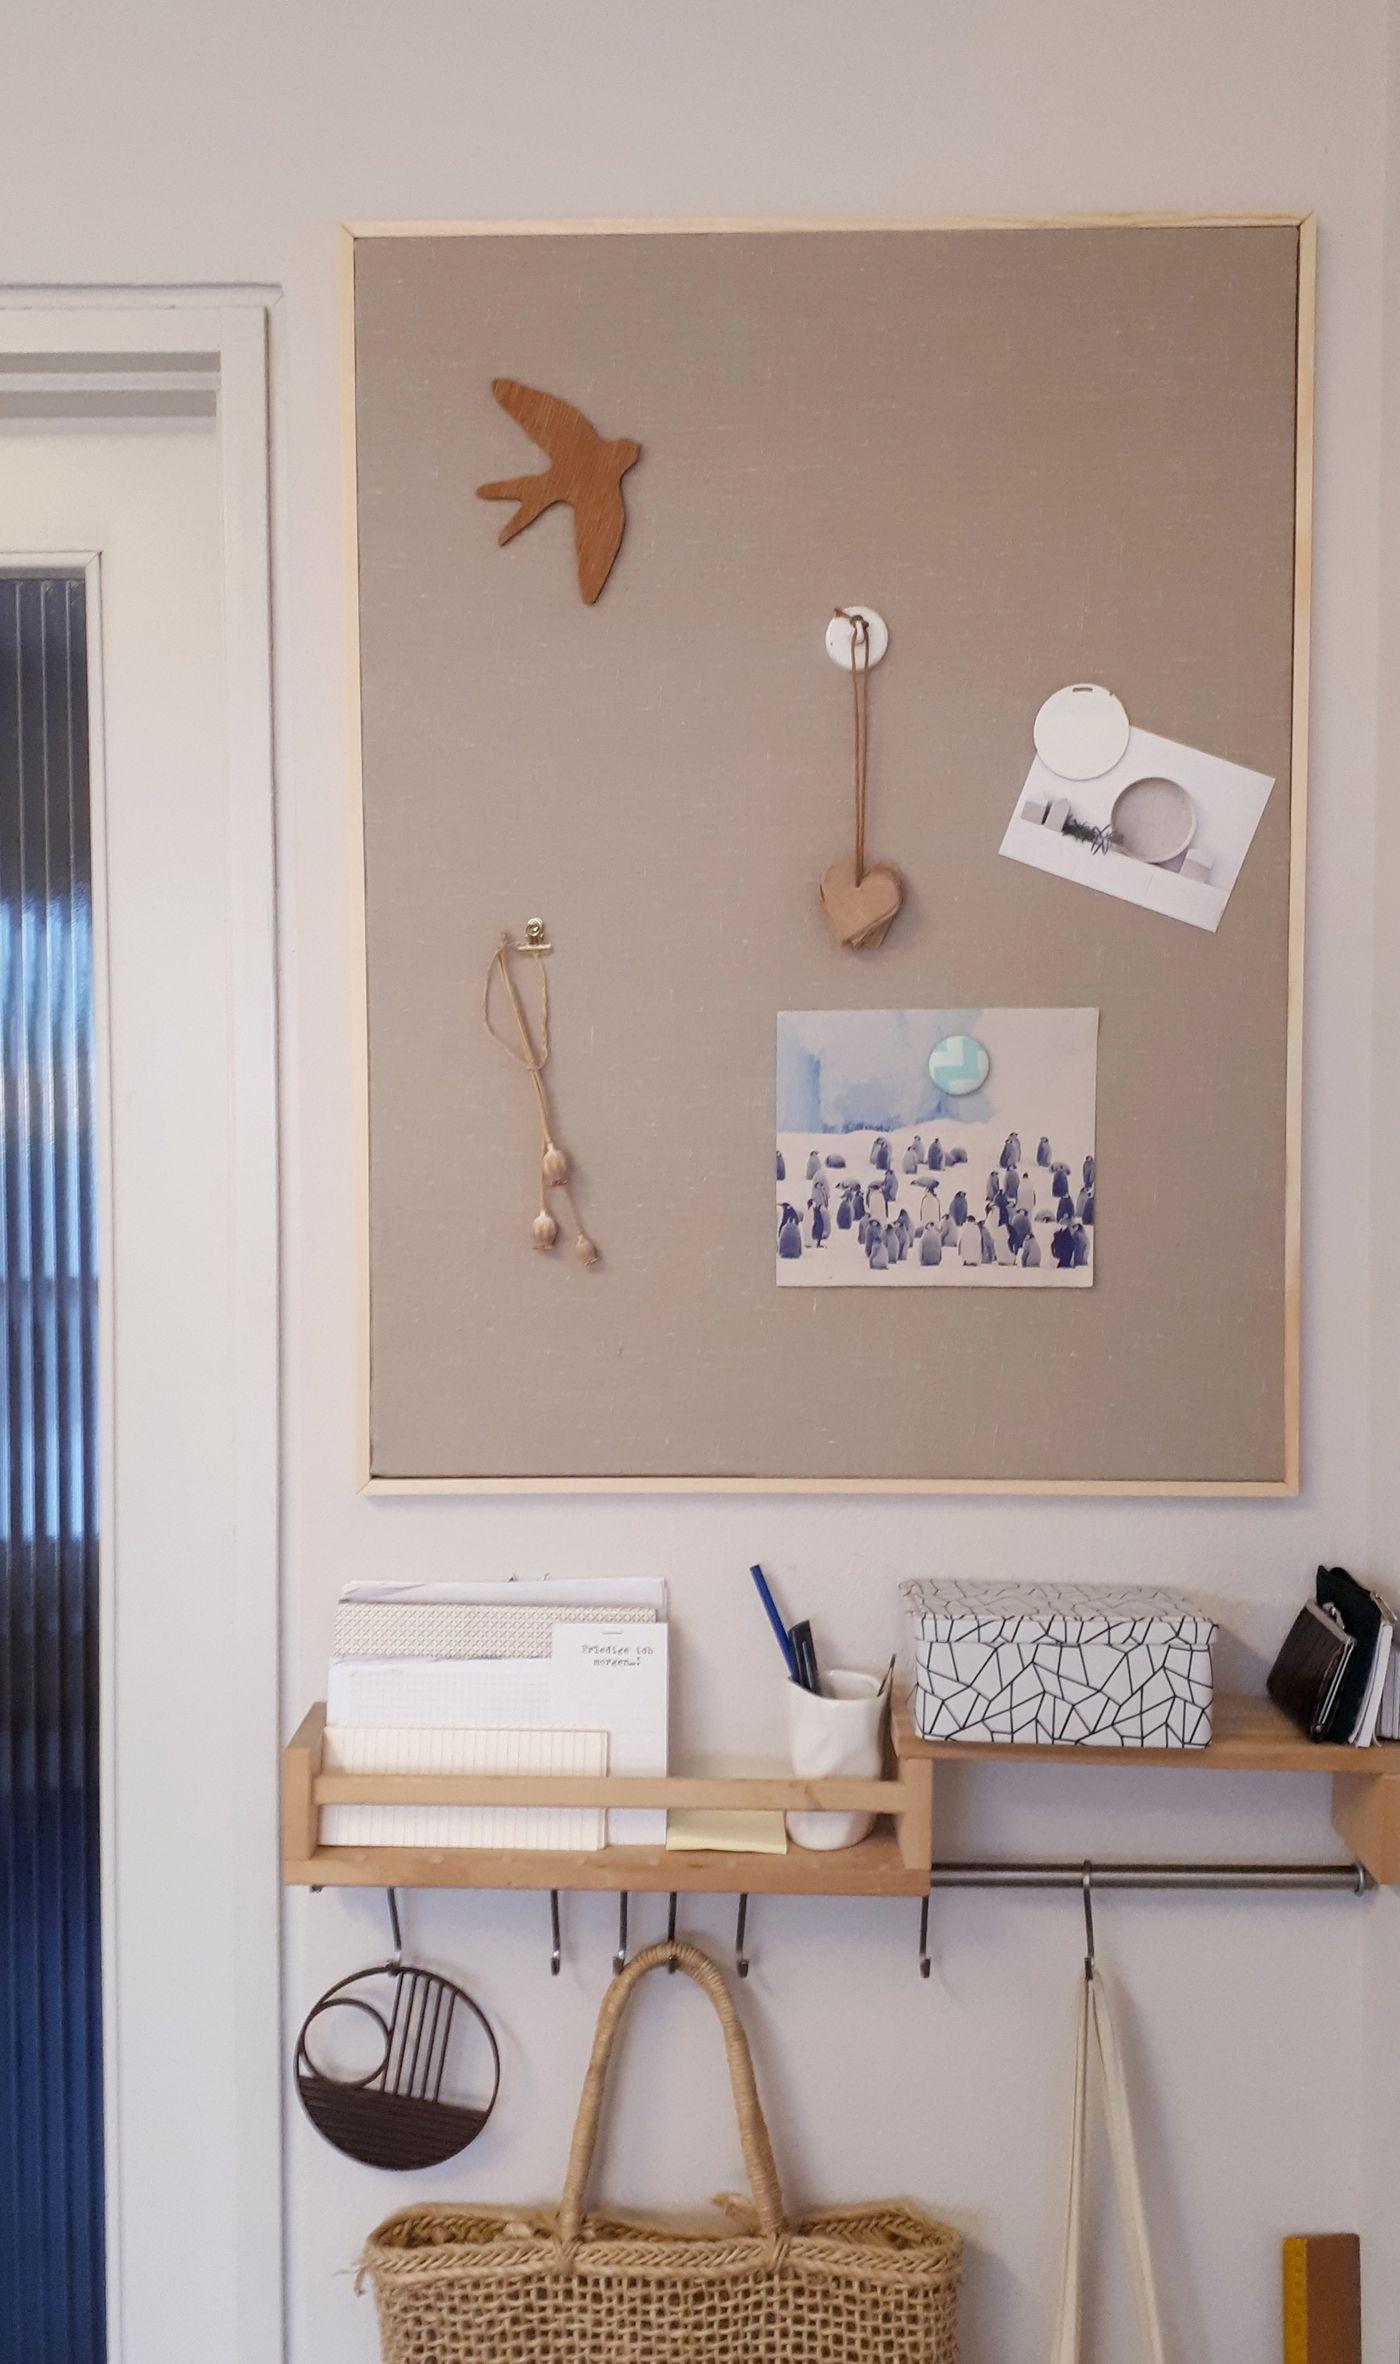 Full Size of Pinnwand Modern Eine Selber Machen Und Deko Ideen Moderne Bilder Fürs Wohnzimmer Deckenlampen Landhausküche Küche Holz Deckenleuchte Esstische Bett Design Wohnzimmer Pinnwand Modern